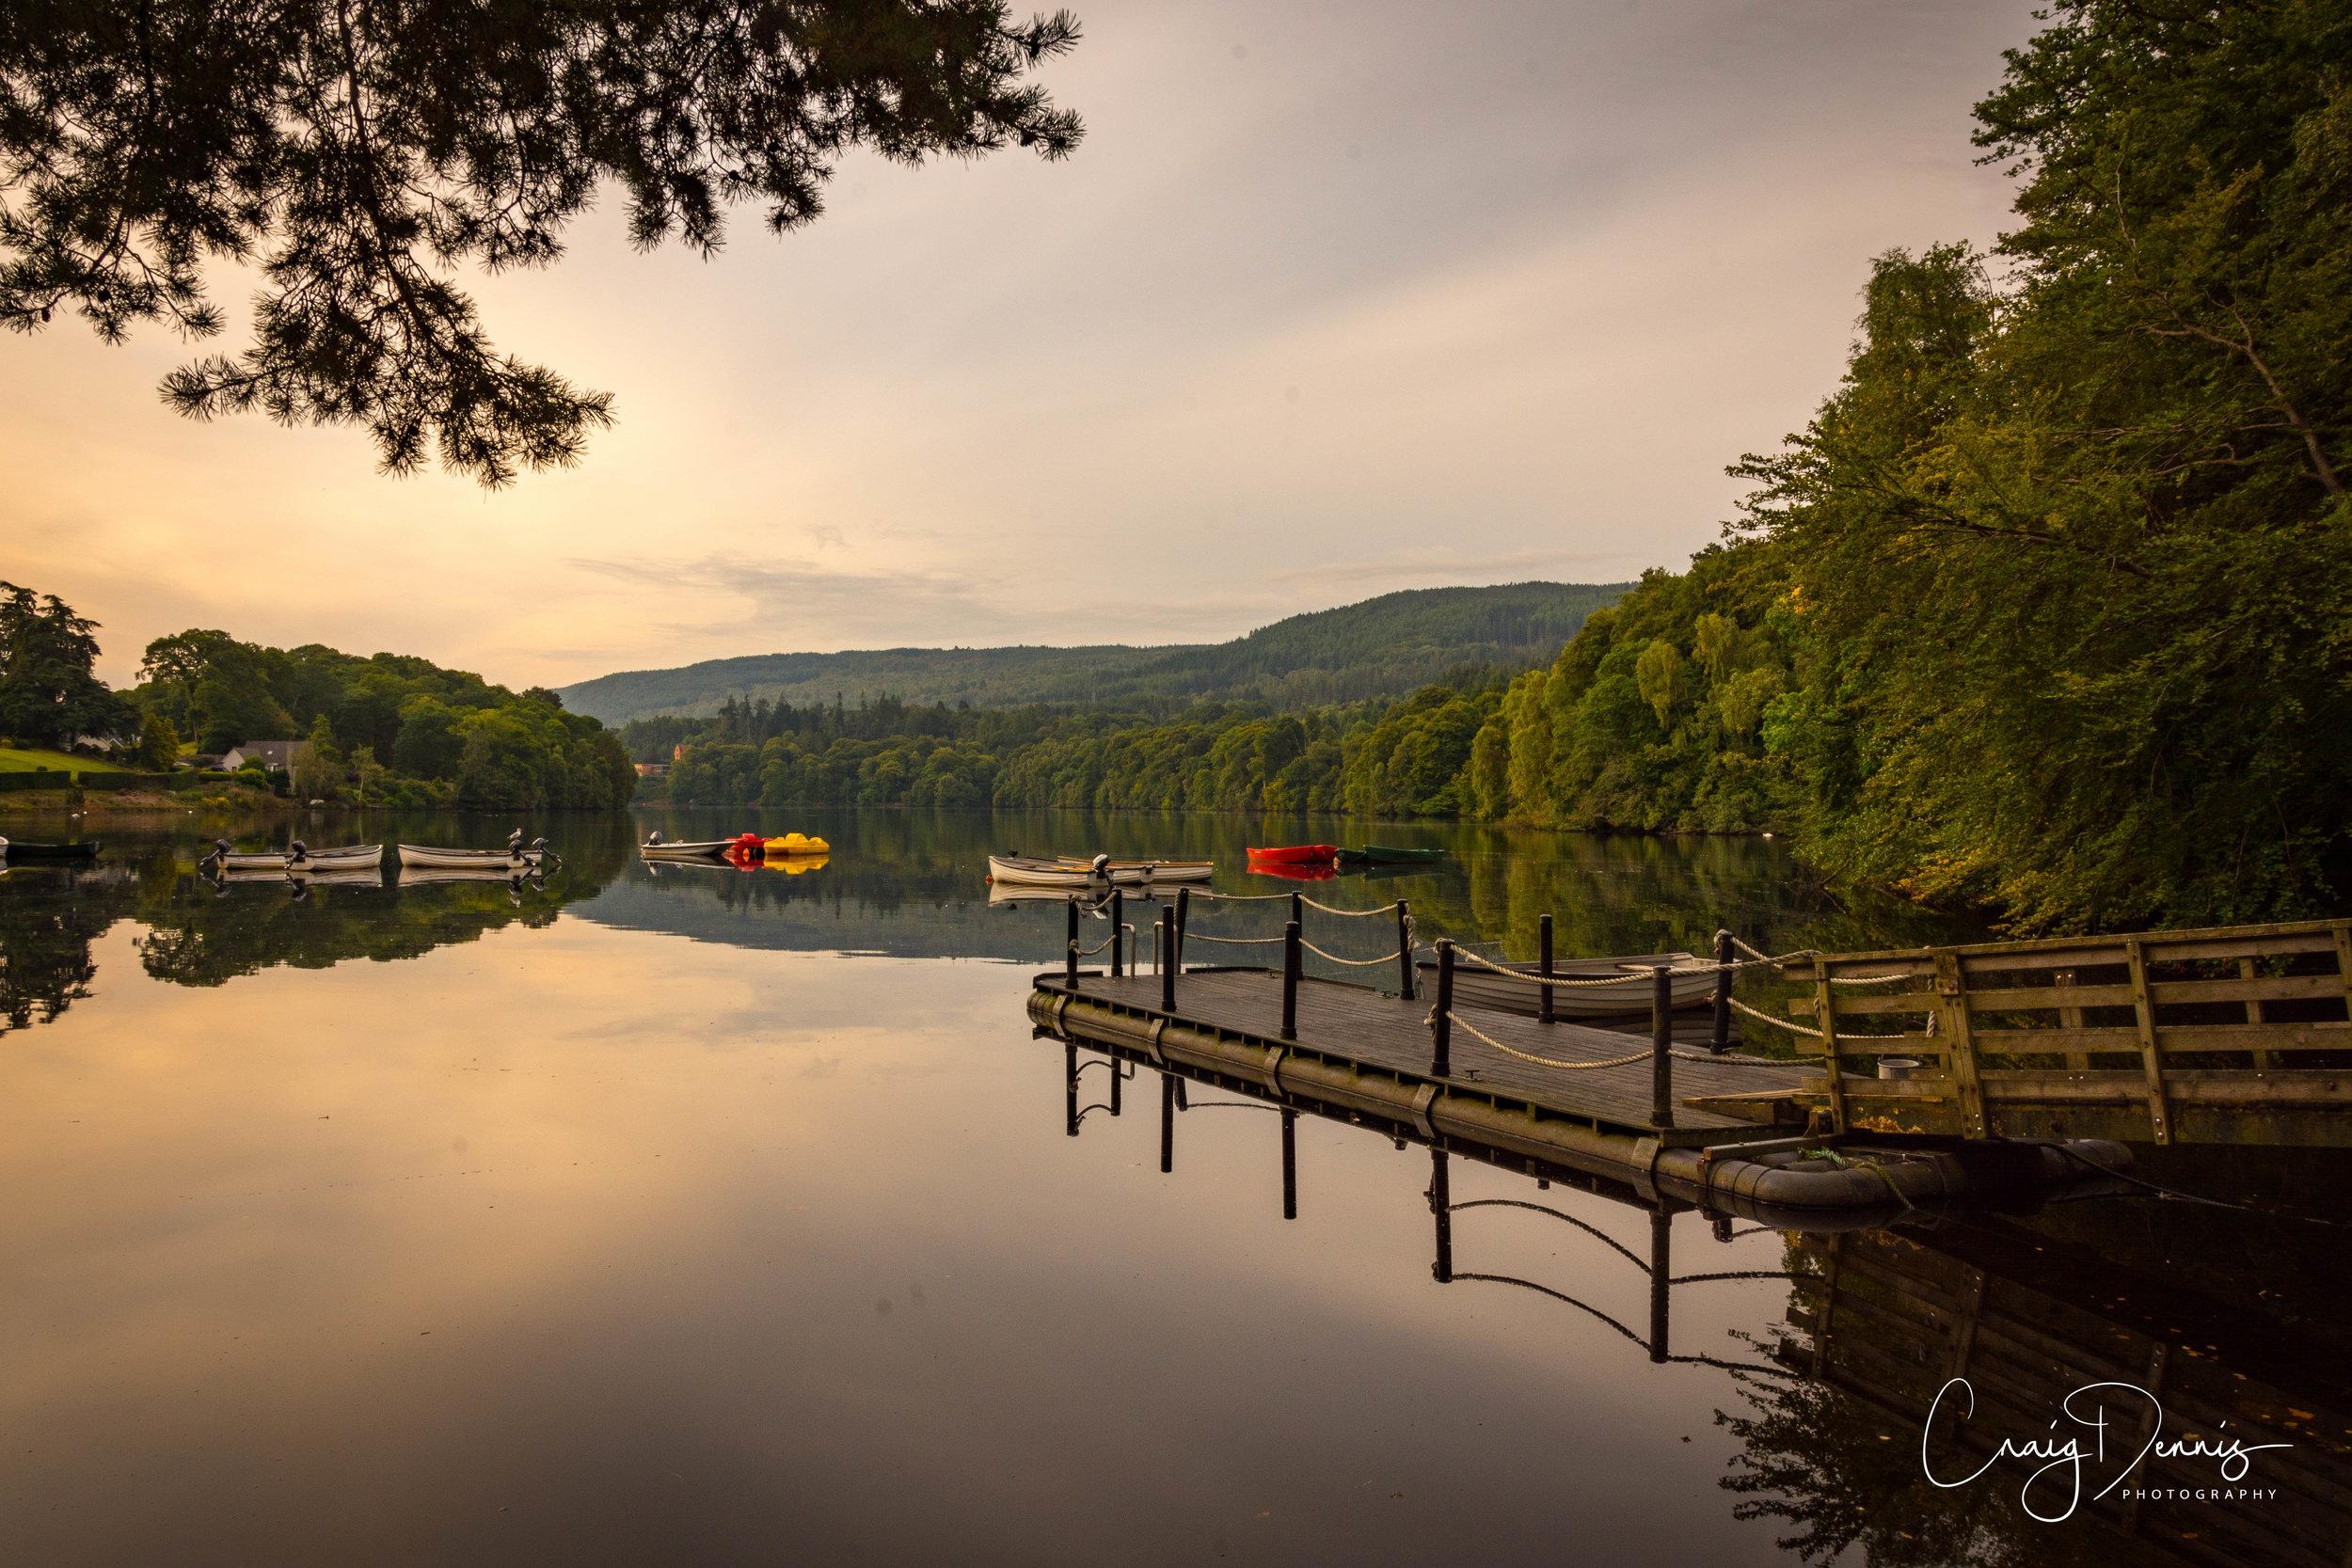 Pitlochry - Loch Fastally